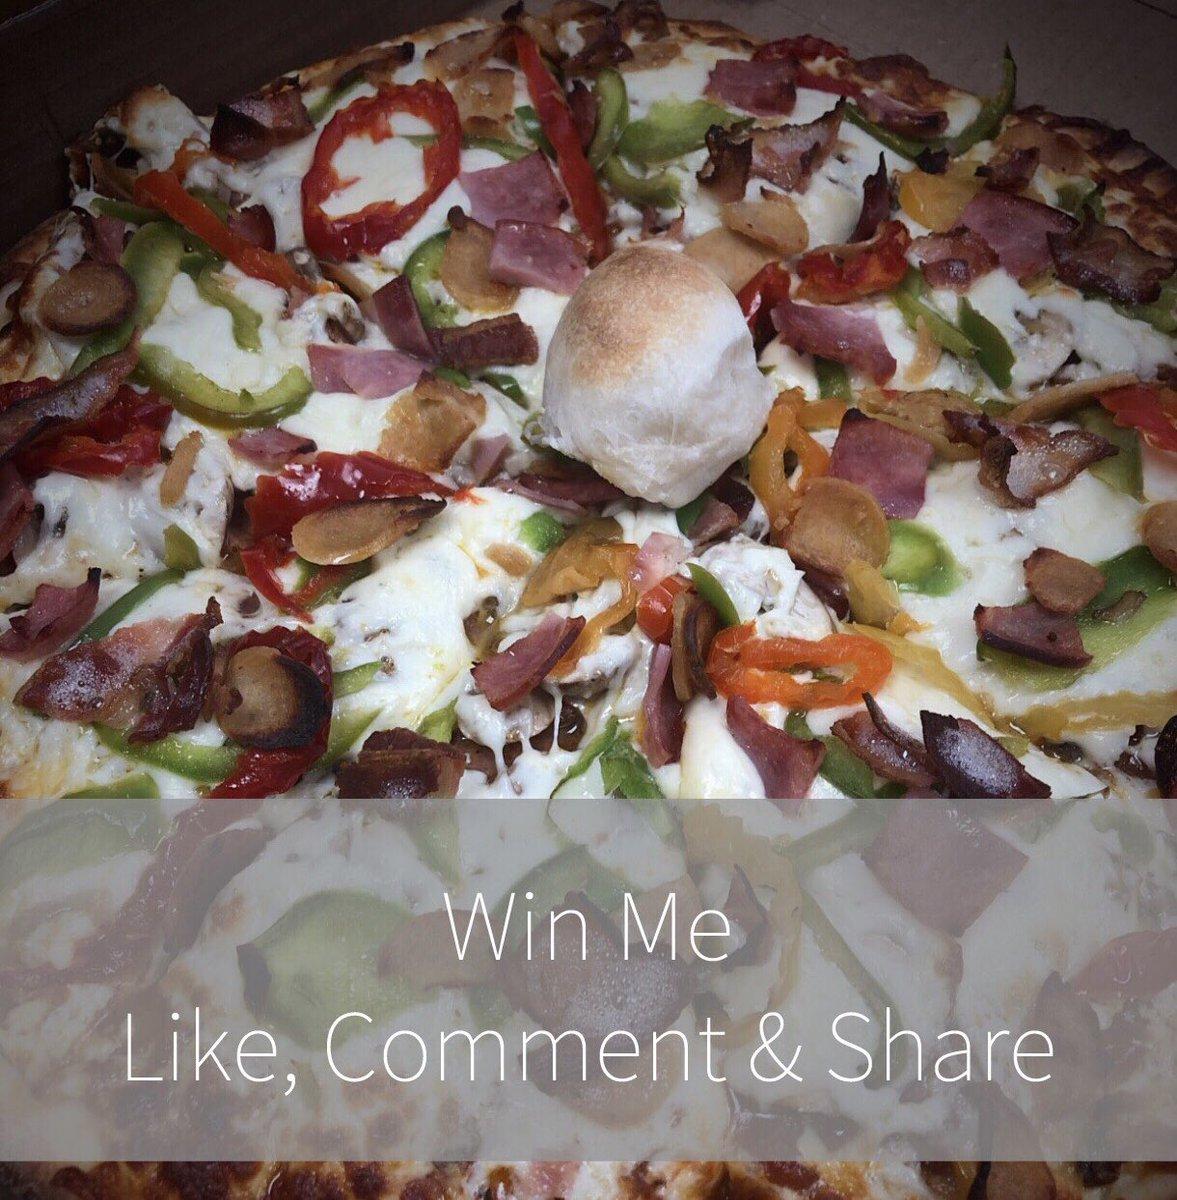 Ginos Pizza Bayridge At Ginosbayridge Twitter